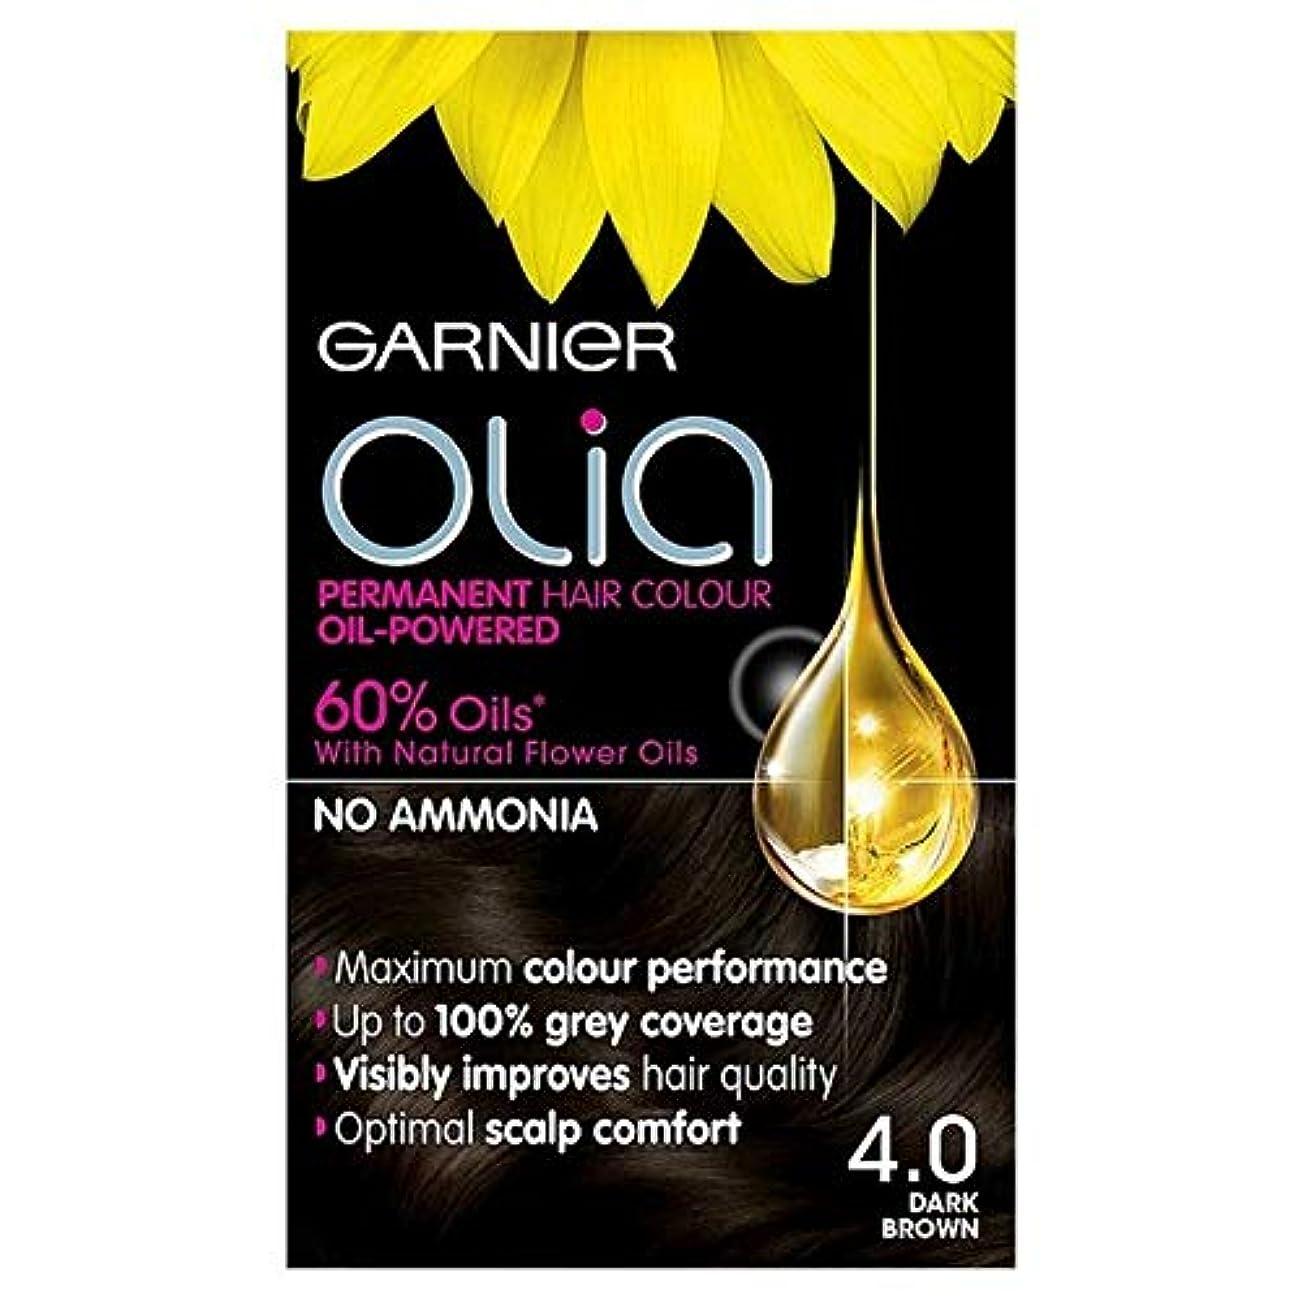 感染するマイク直感[Garnier ] 4.0ダークブラウン永久染毛剤Oliaガルニエ - Garnier Olia 4.0 Dark Brown Permanent Hair Dye [並行輸入品]